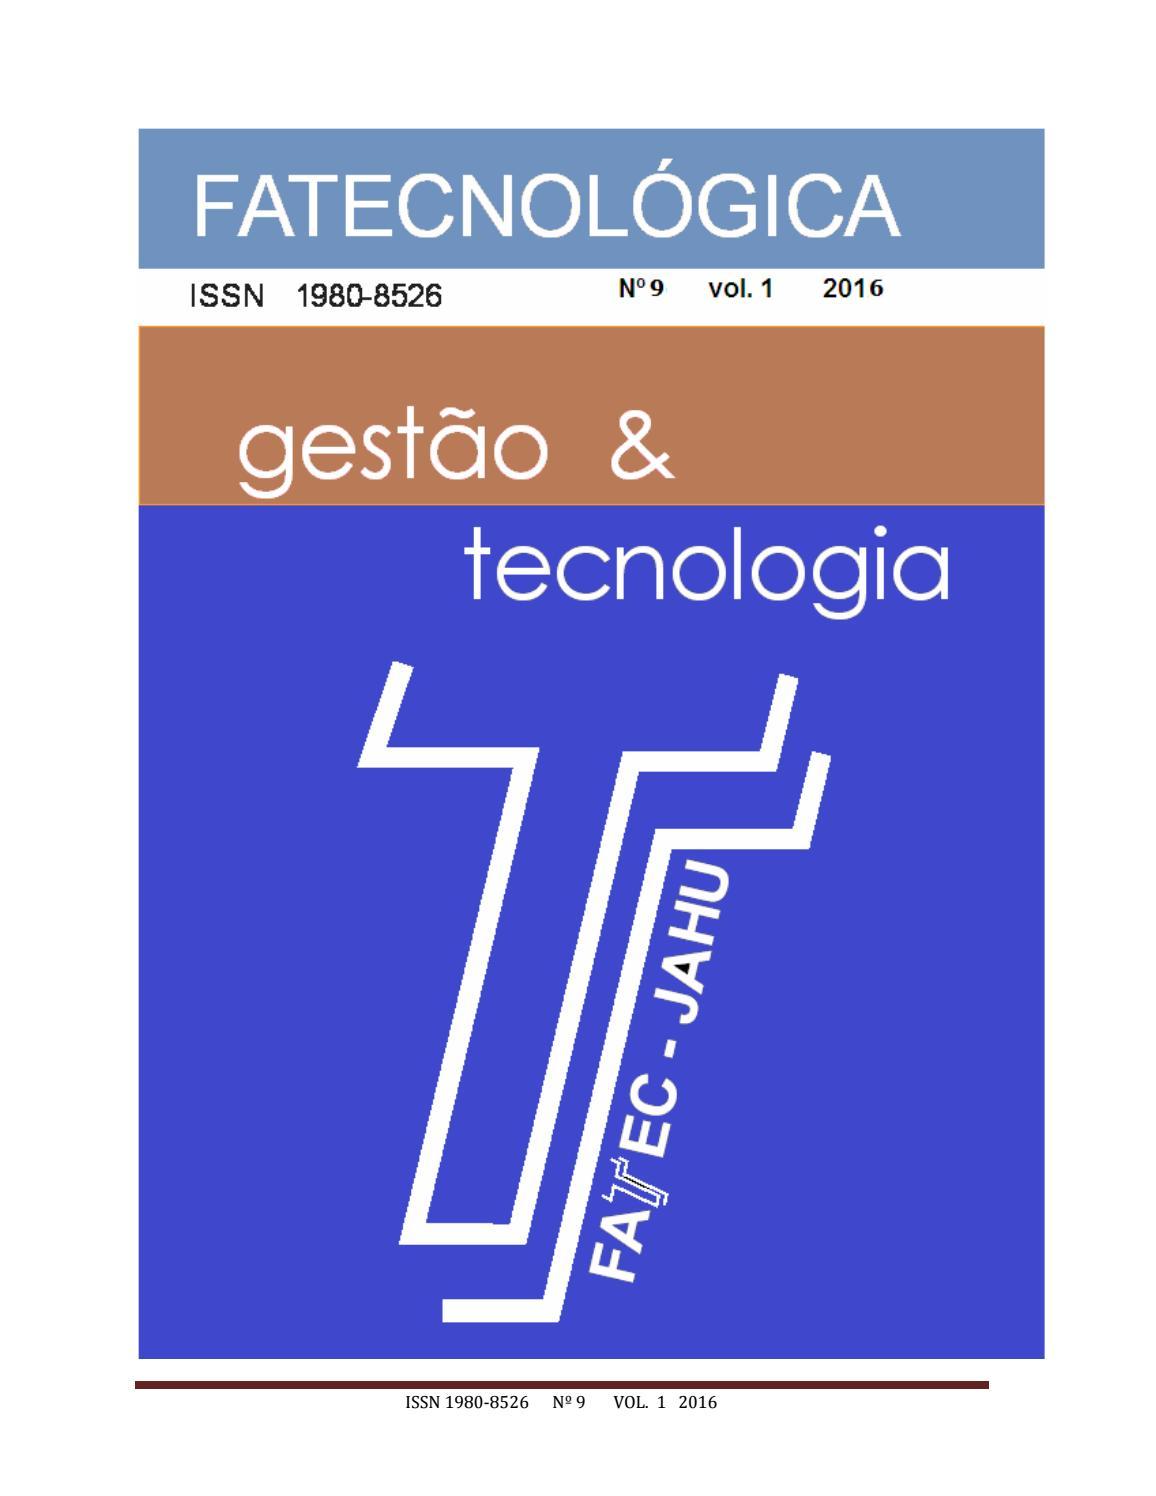 fa9b615de Revista Fatecnológica nº 9 by Fatec Jahu - issuu